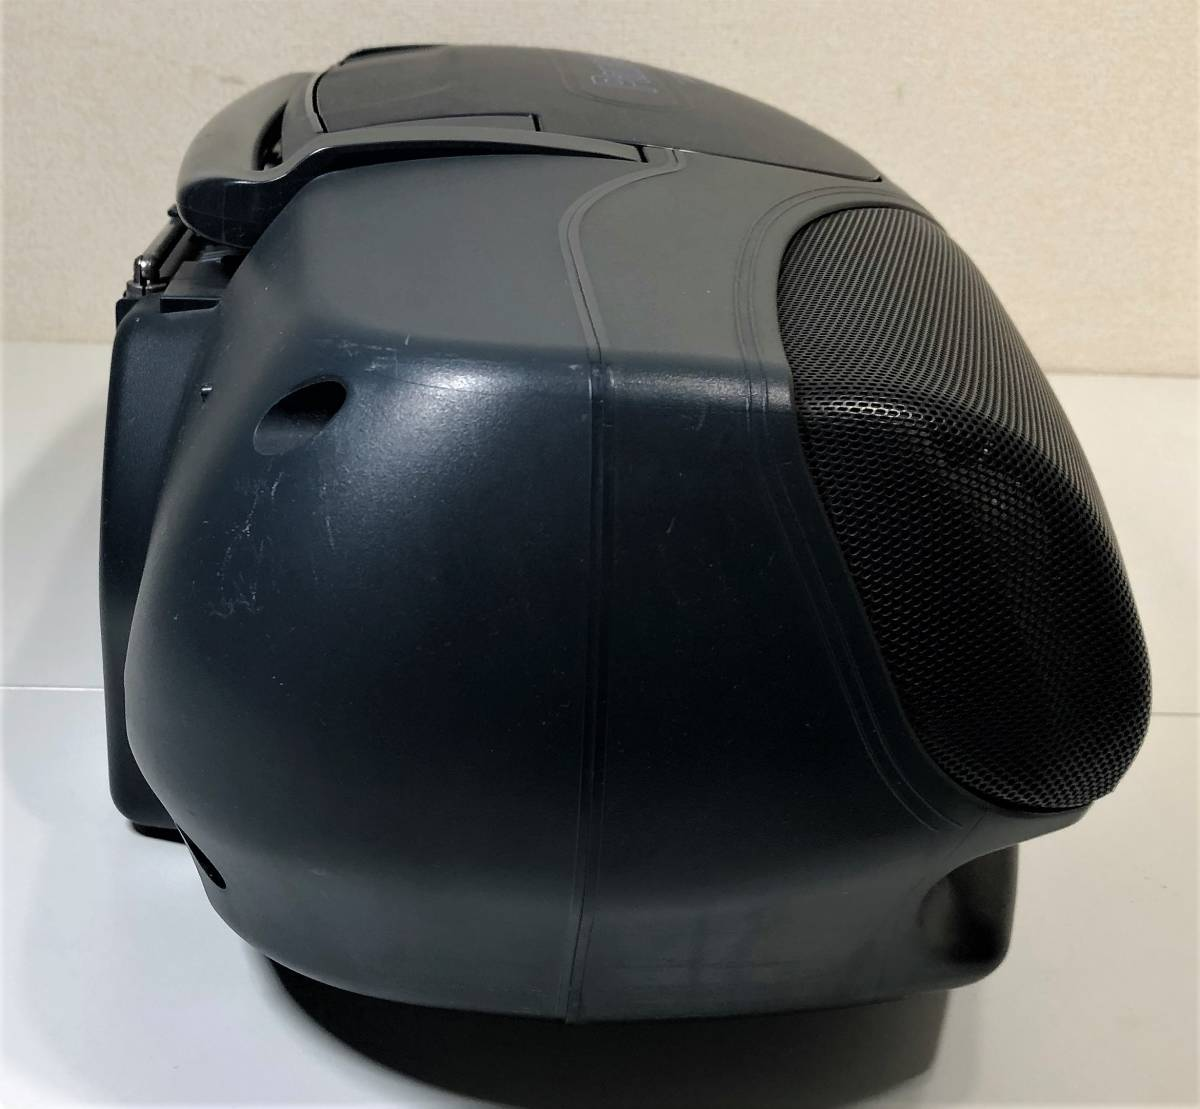 当時物 パナソニック CDバブルラジカセ Panasonic RX-DT95 コブラトップ仕様、ジャンク扱い_画像9